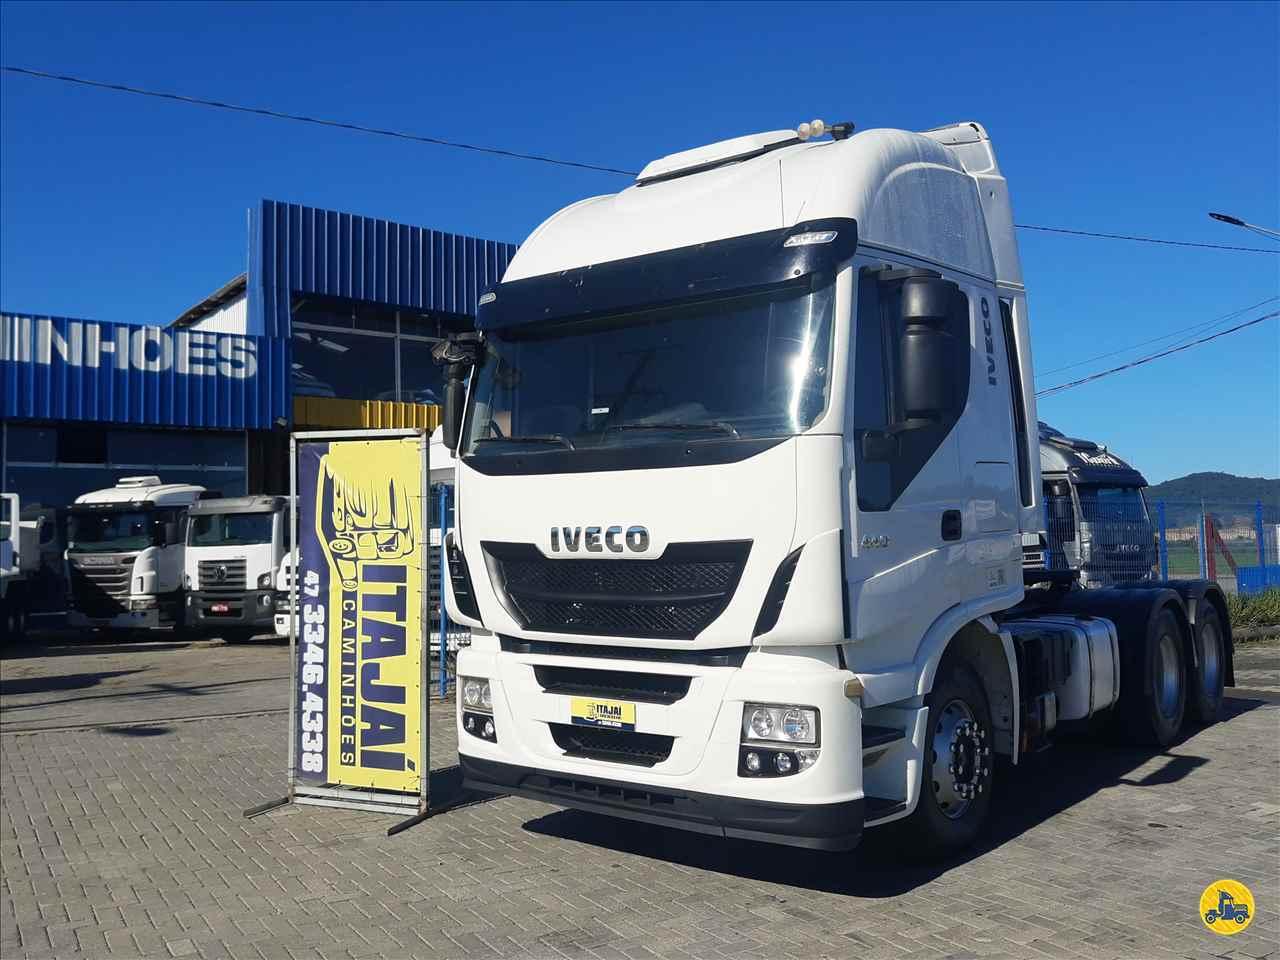 CAMINHAO IVECO STRALIS 440 Cavalo Mecânico Truck 6x2 Itajai Caminhões NAVEGANTES SANTA CATARINA SC